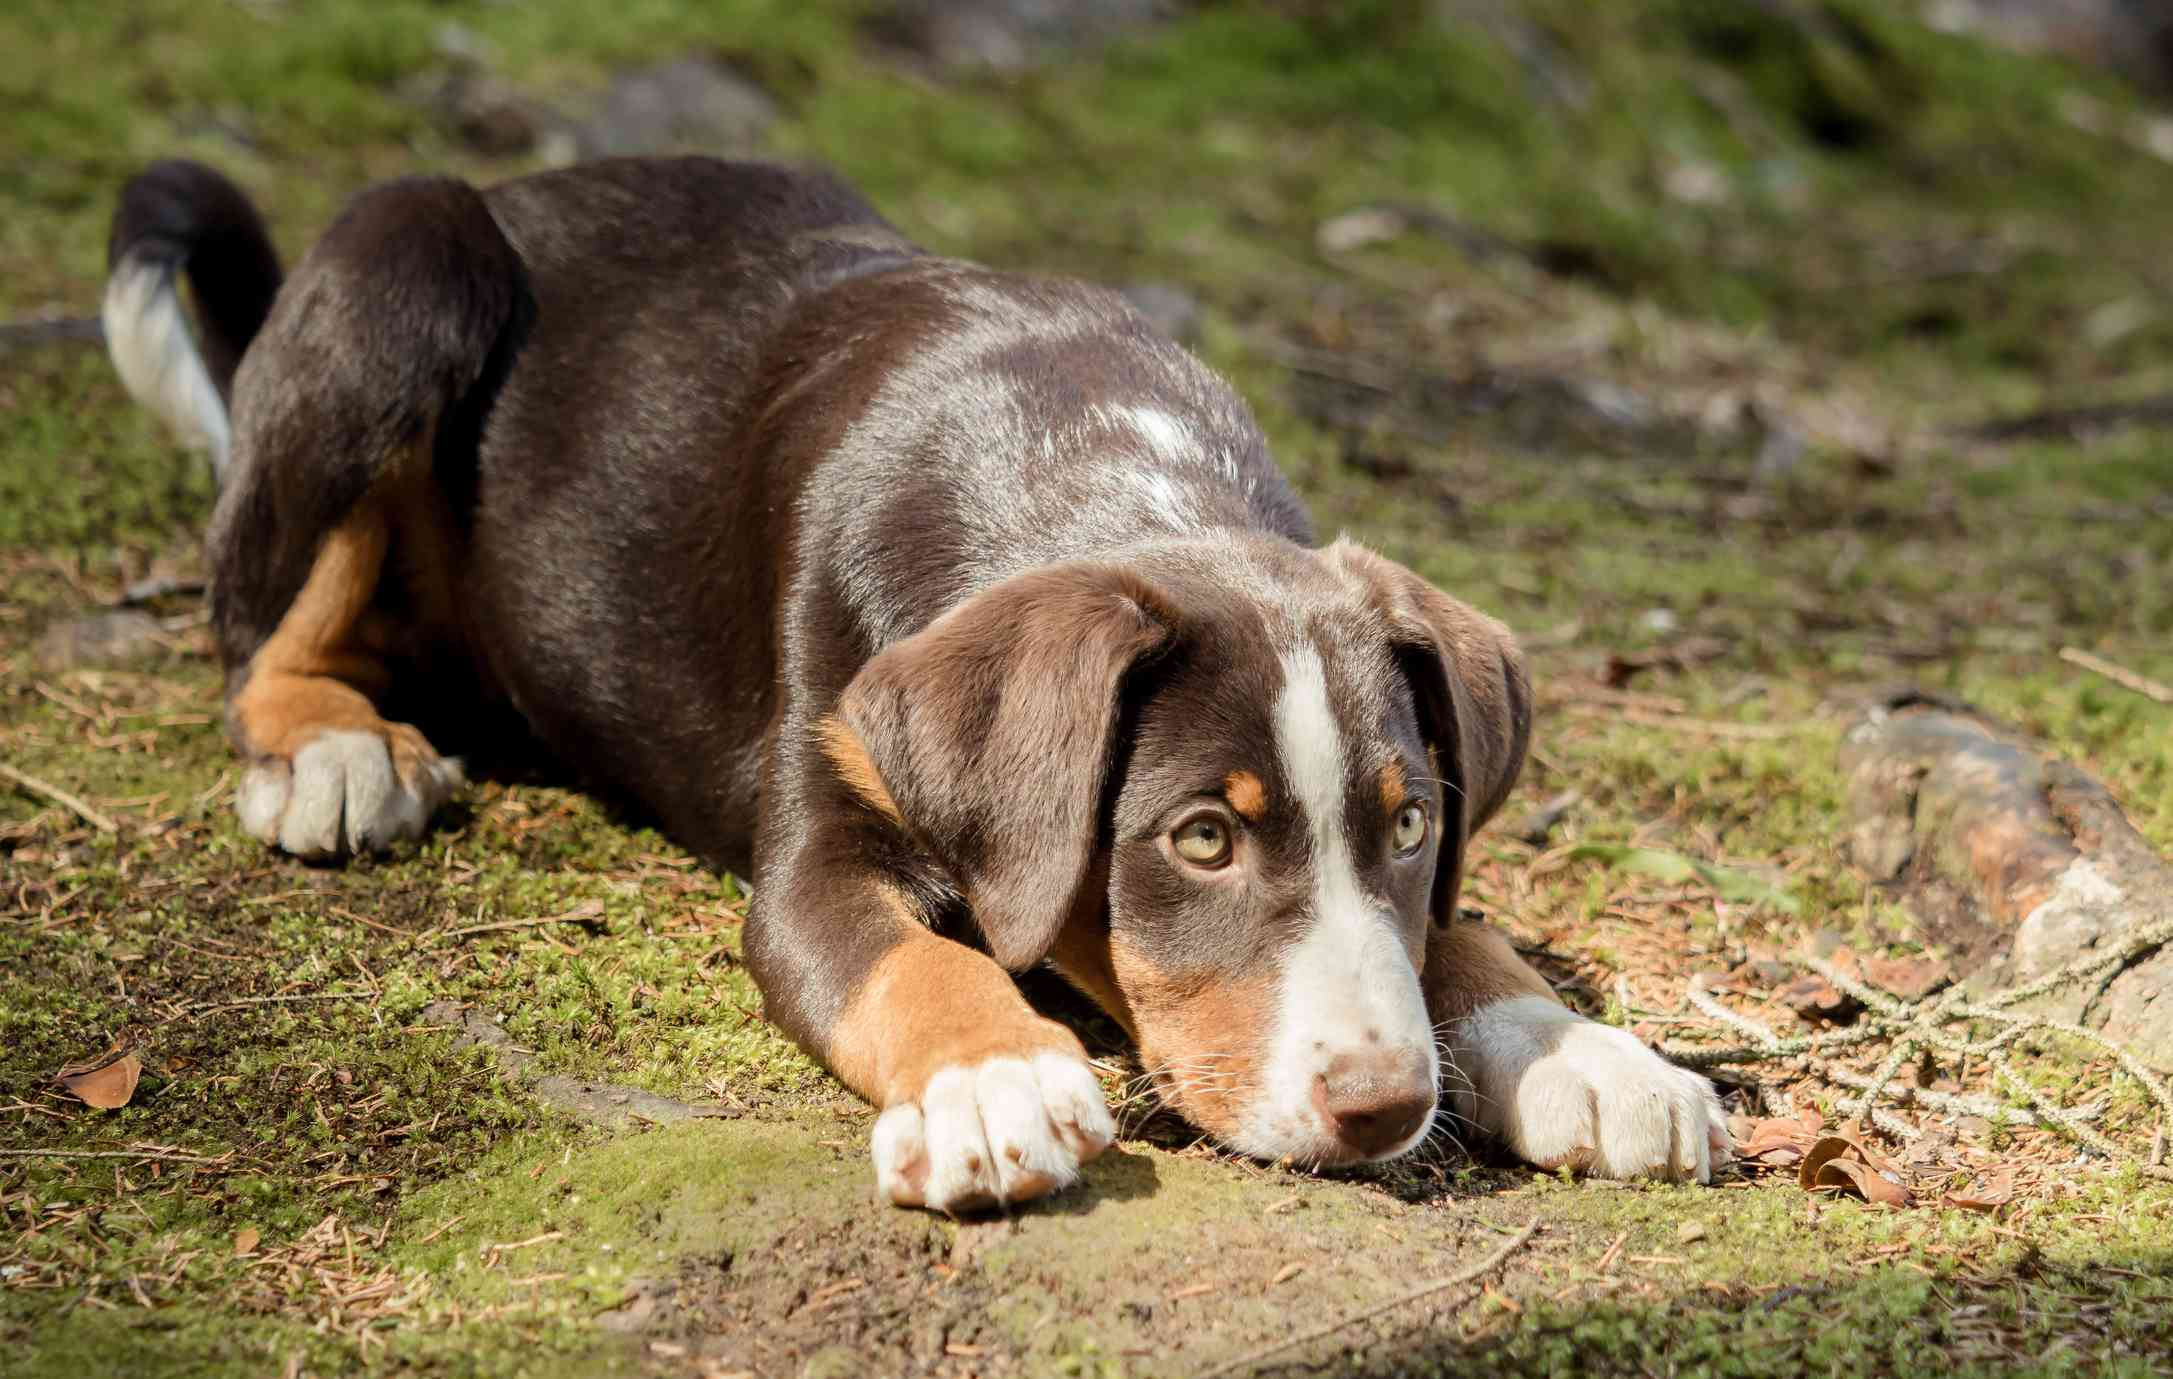 Appenzeller sennenhund puppy lying down